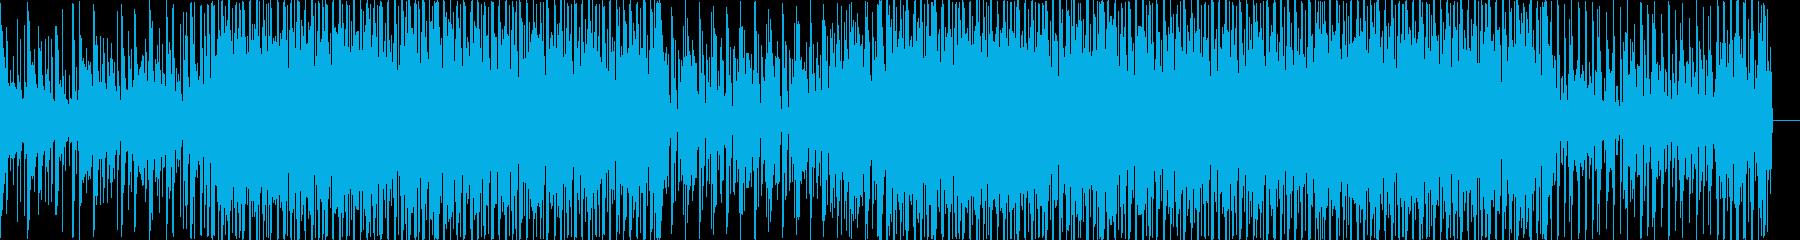 エレクトロニック 技術的な 環境 ...の再生済みの波形